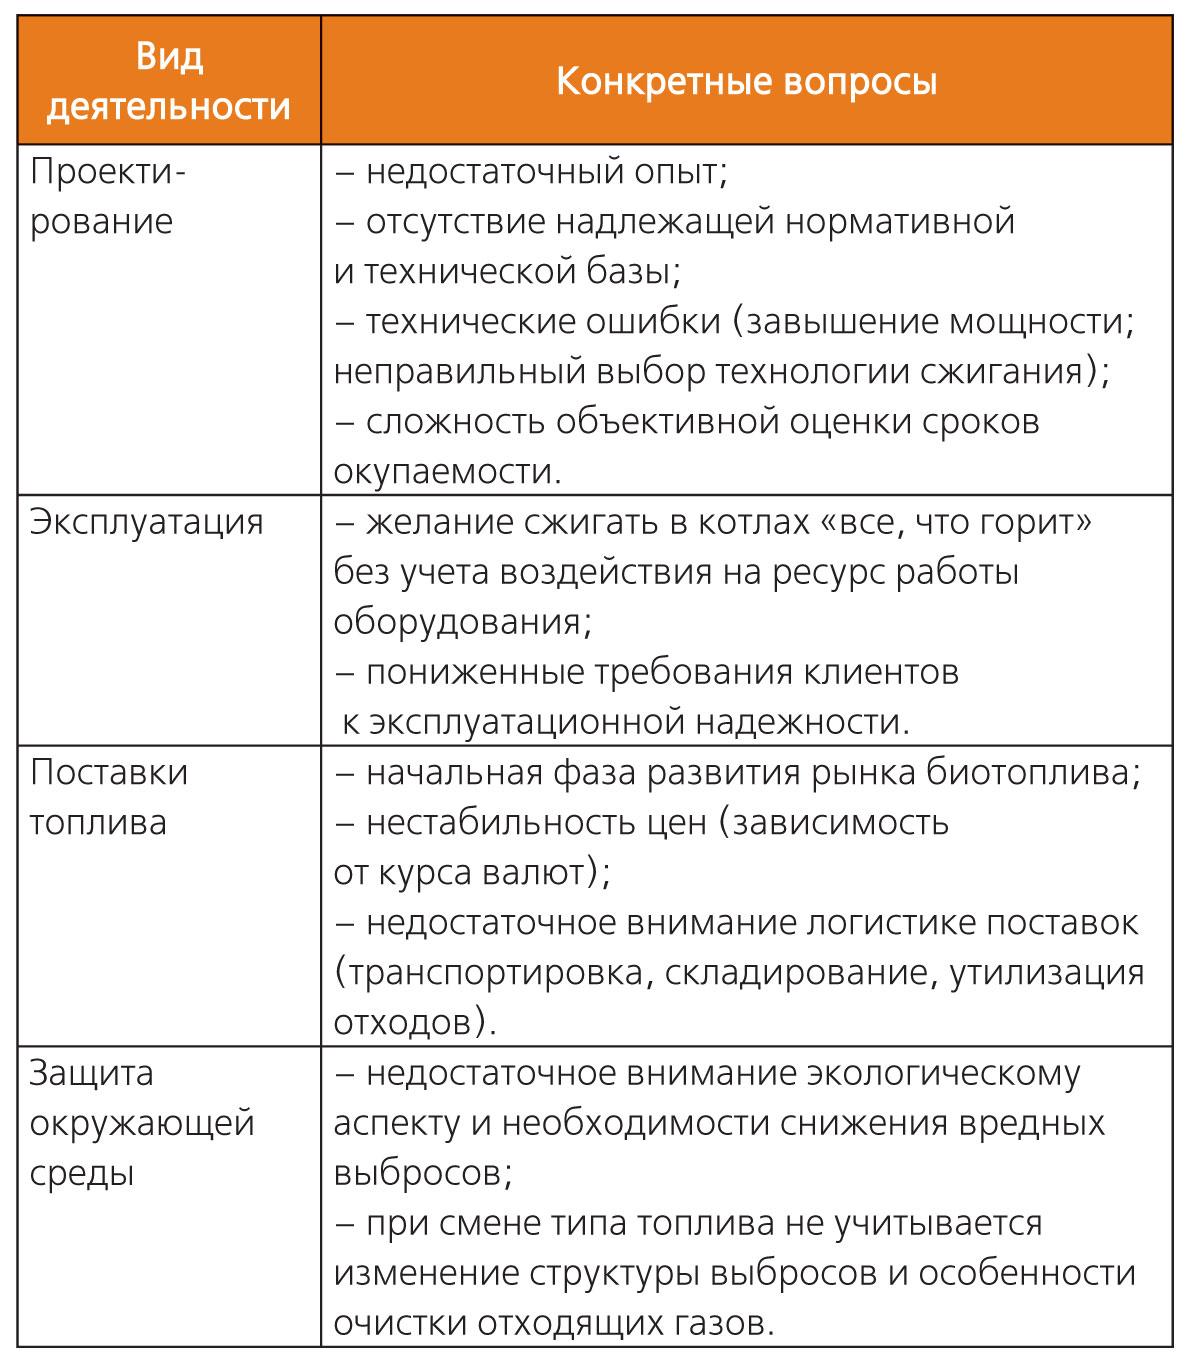 nacionalni_osoblivosti_tverdopalivnih_tehnologii_18.jpg